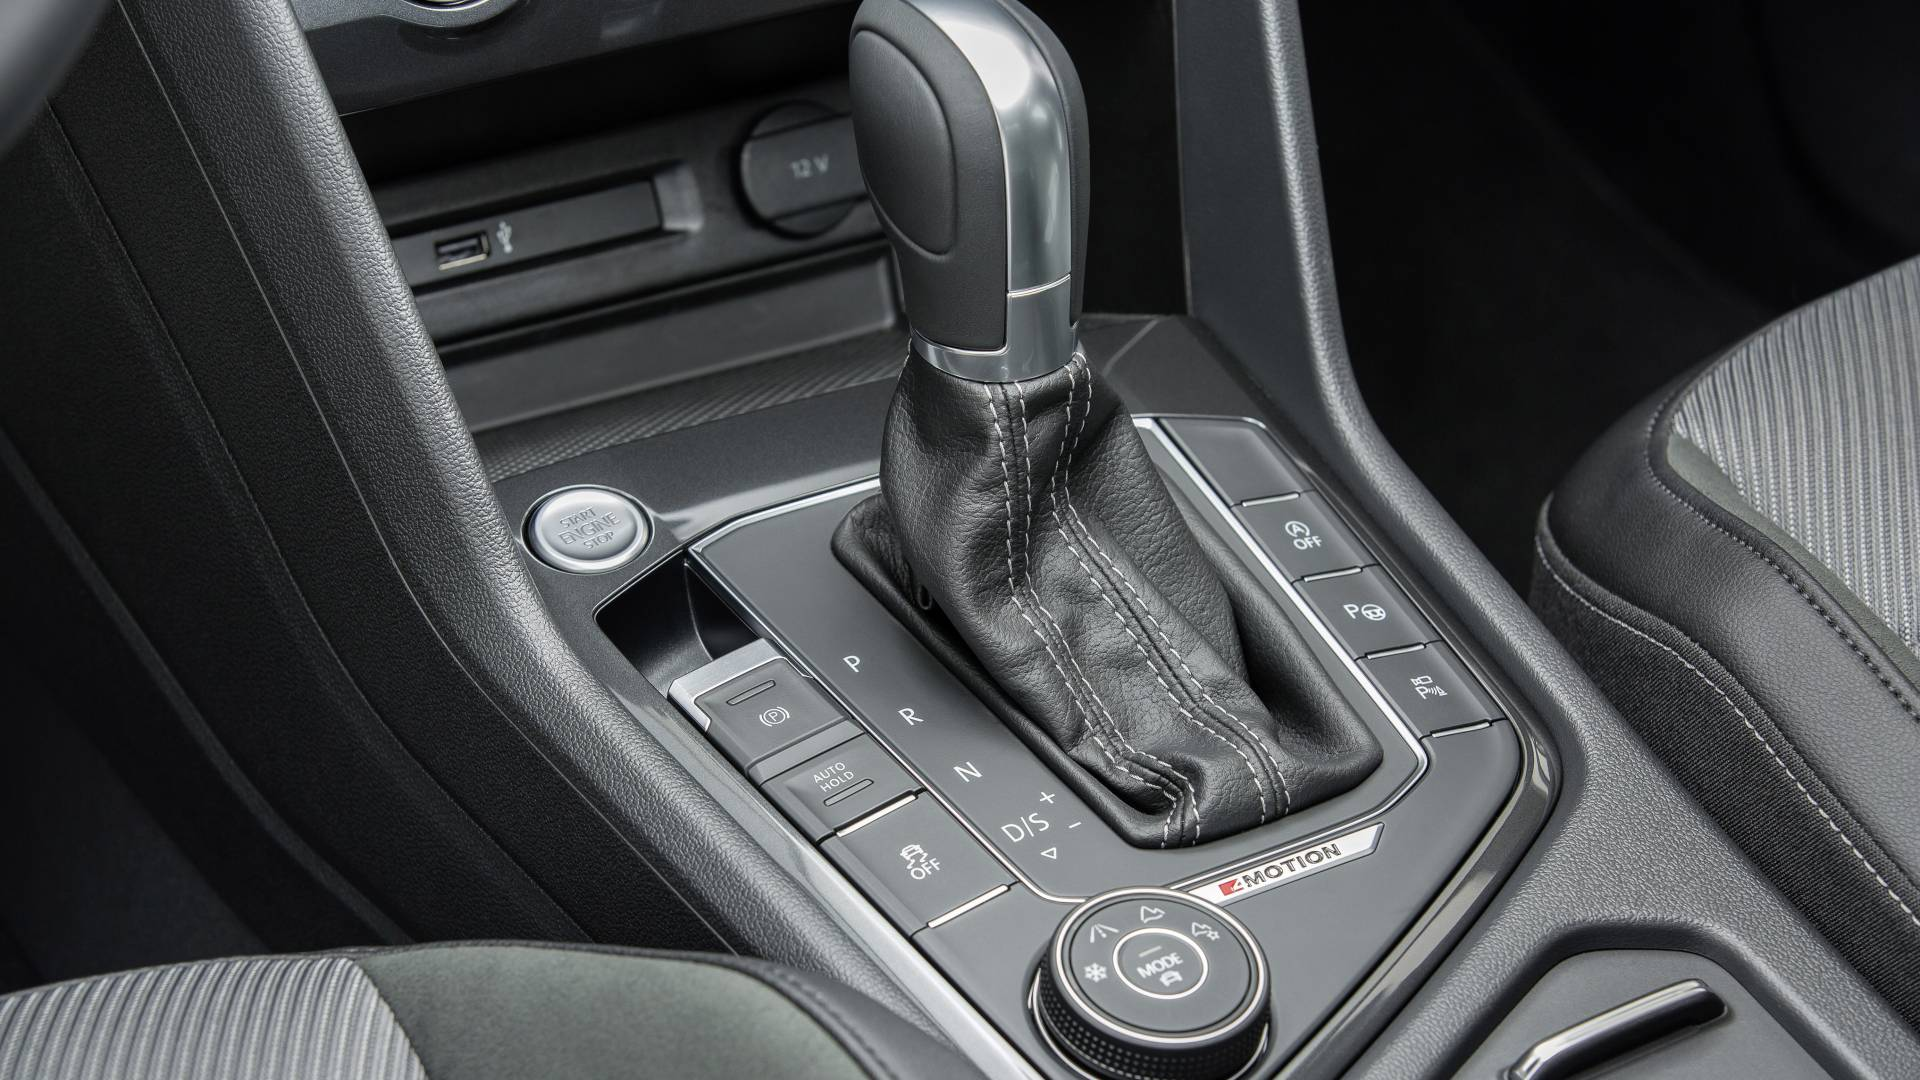 Este dispositivo permite al conductor adaptar el vehículo, mediante cuatro programas, a las condiciones del terreno. Se acciona por medio de un selector giratorio situado al lado de la palanca de cambio